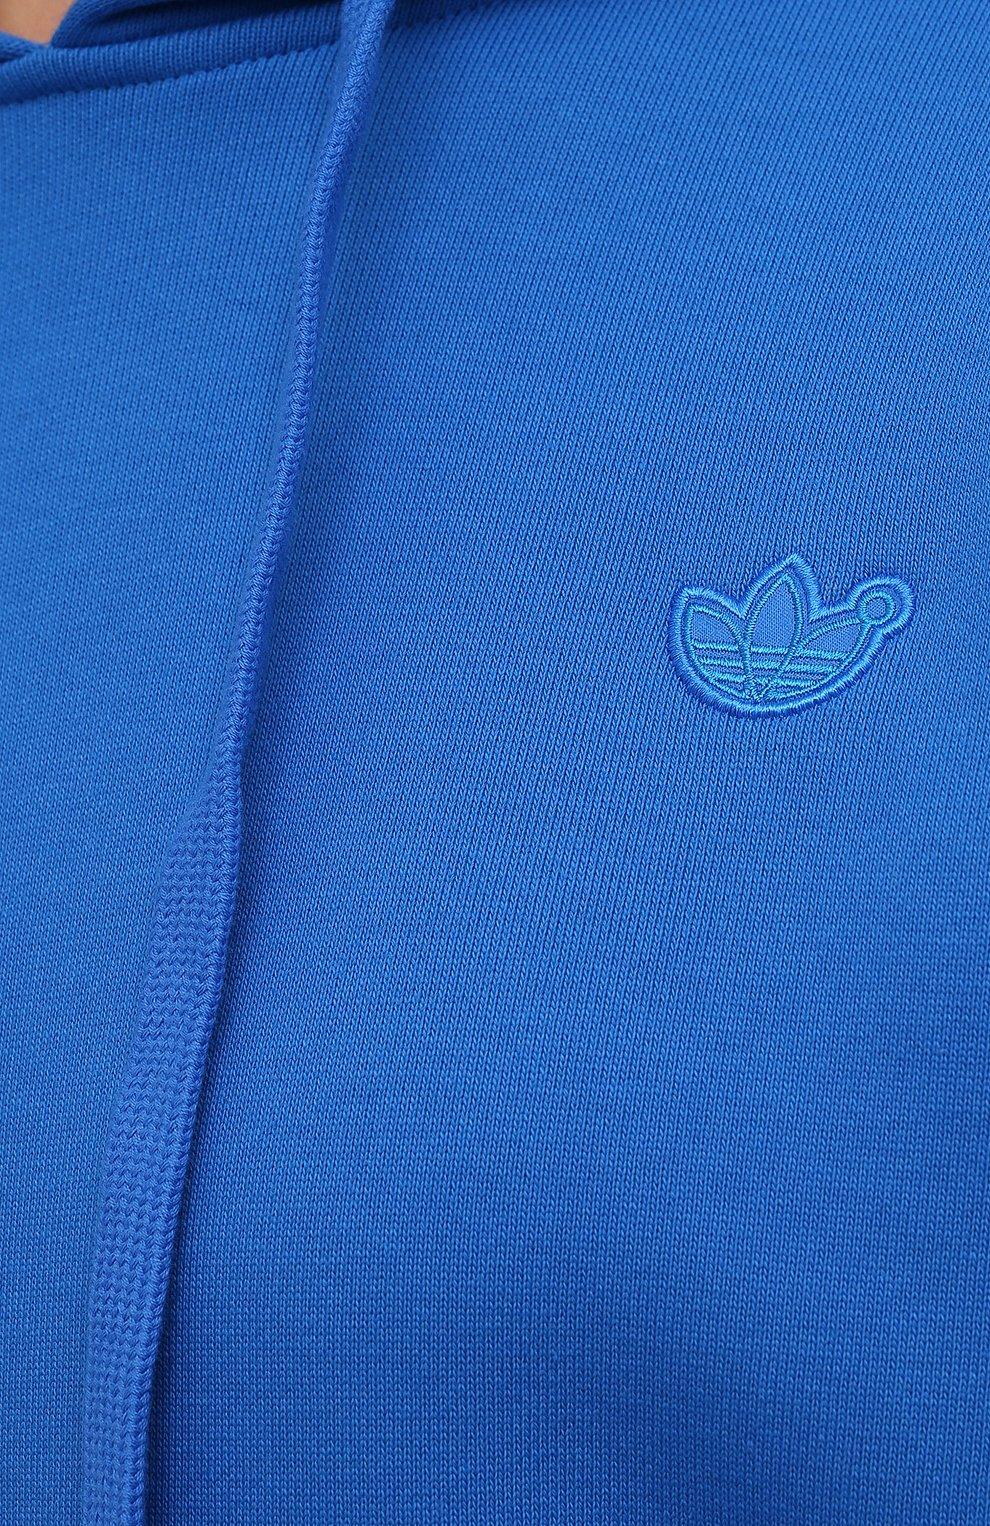 Женский хлопковое худи ADIDAS ORIGINALS синего цвета, арт. H33459   Фото 5 (Рукава: Длинные; Длина (для топов): Стандартные; Женское Кросс-КТ: Худи-спорт, Худи-одежда; Материал внешний: Хлопок; Стили: Спорт-шик)